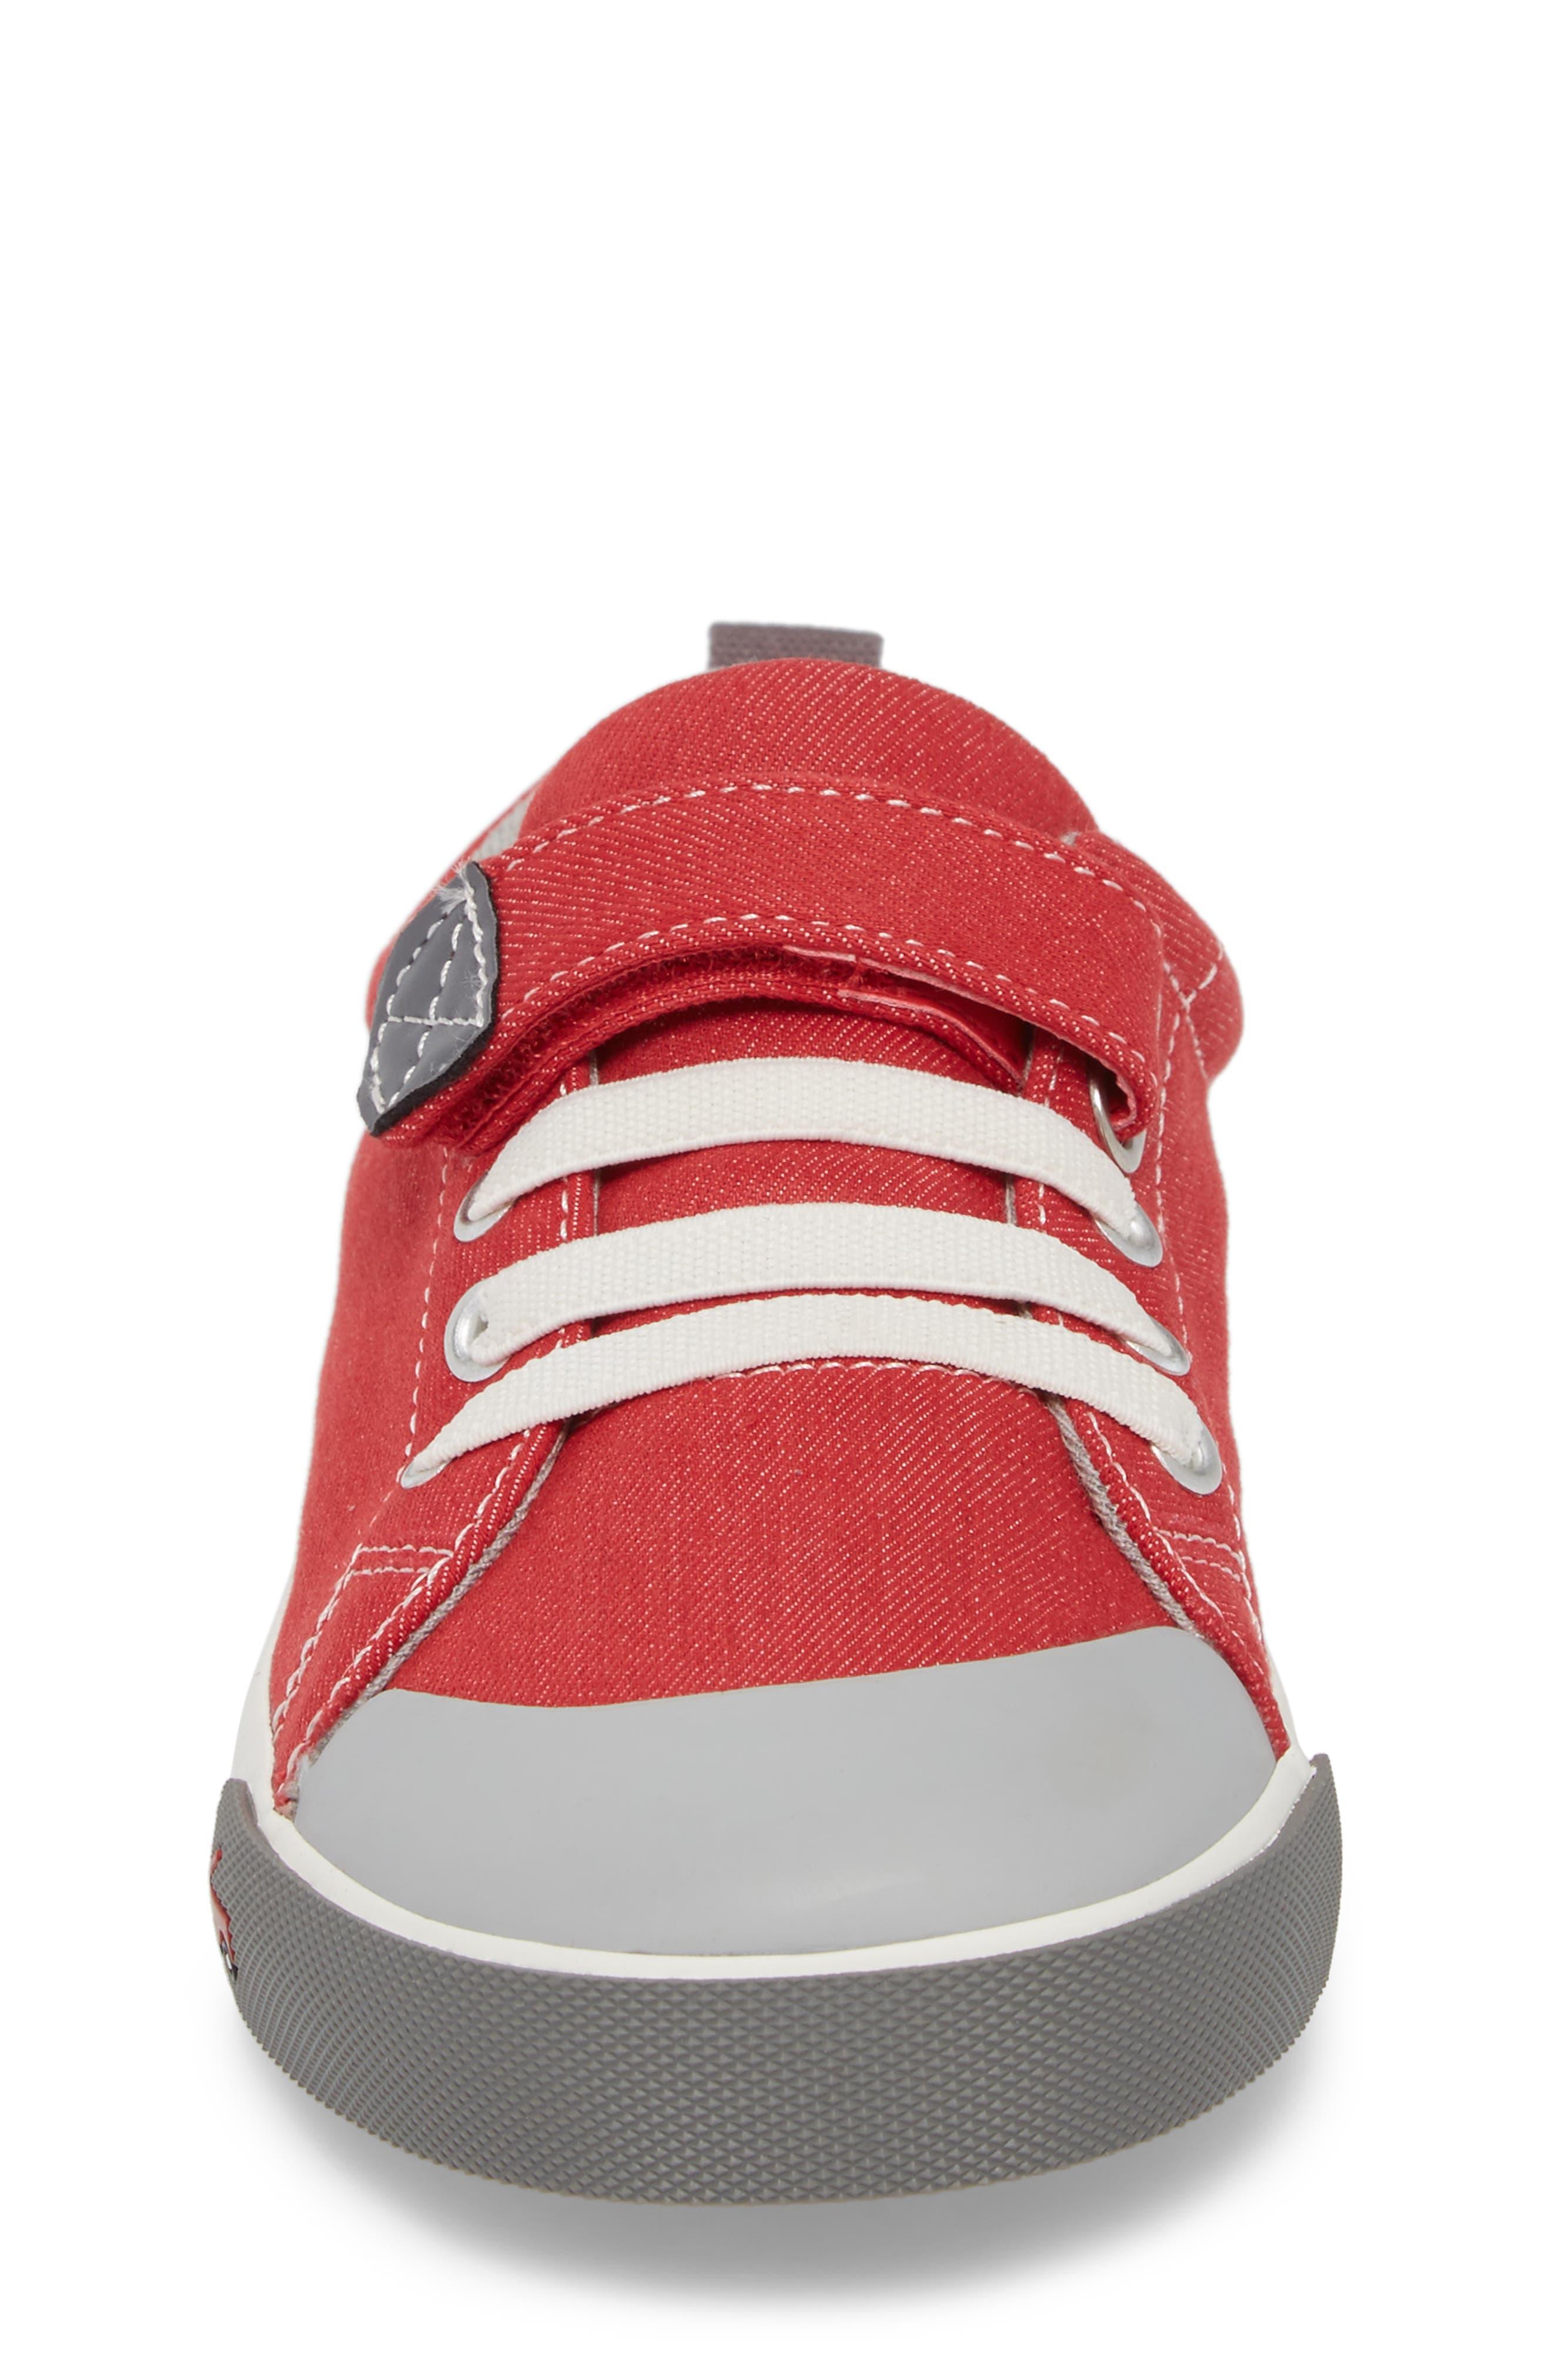 Stevie II Sneaker,                             Alternate thumbnail 4, color,                             Red/ Gray